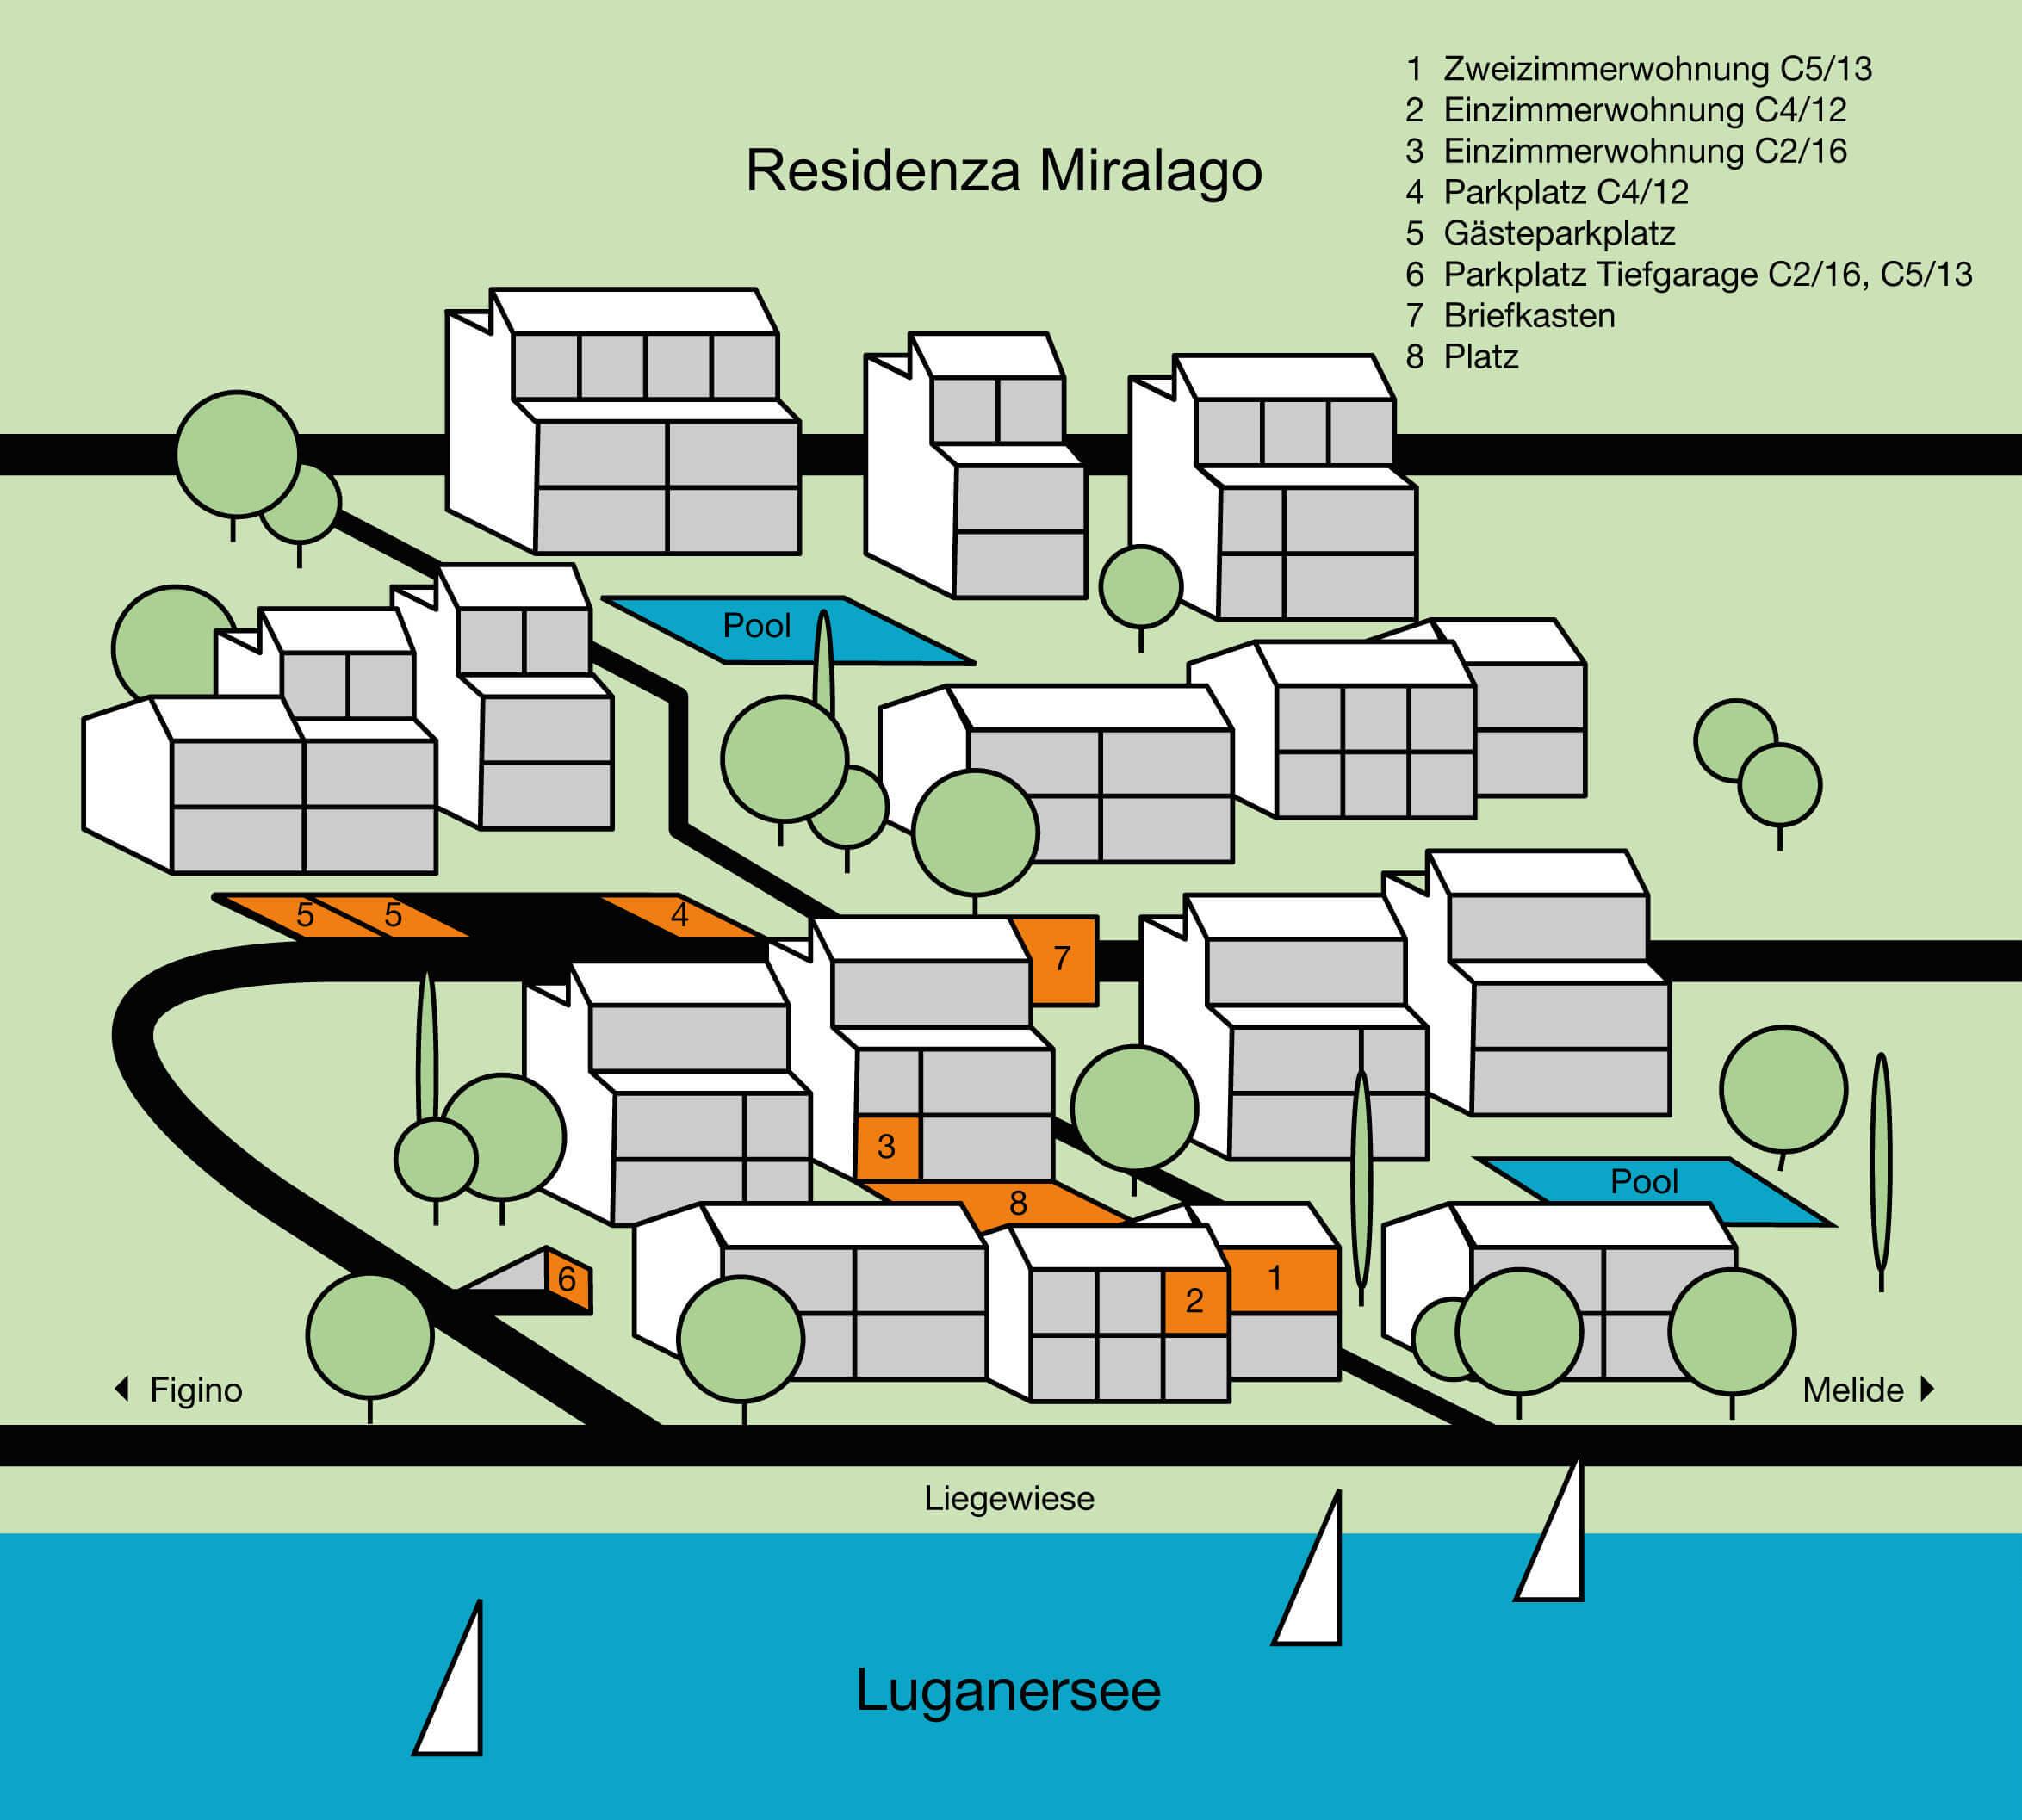 Dieser Plan zeigt eine Übersicht der Residenza Miralago